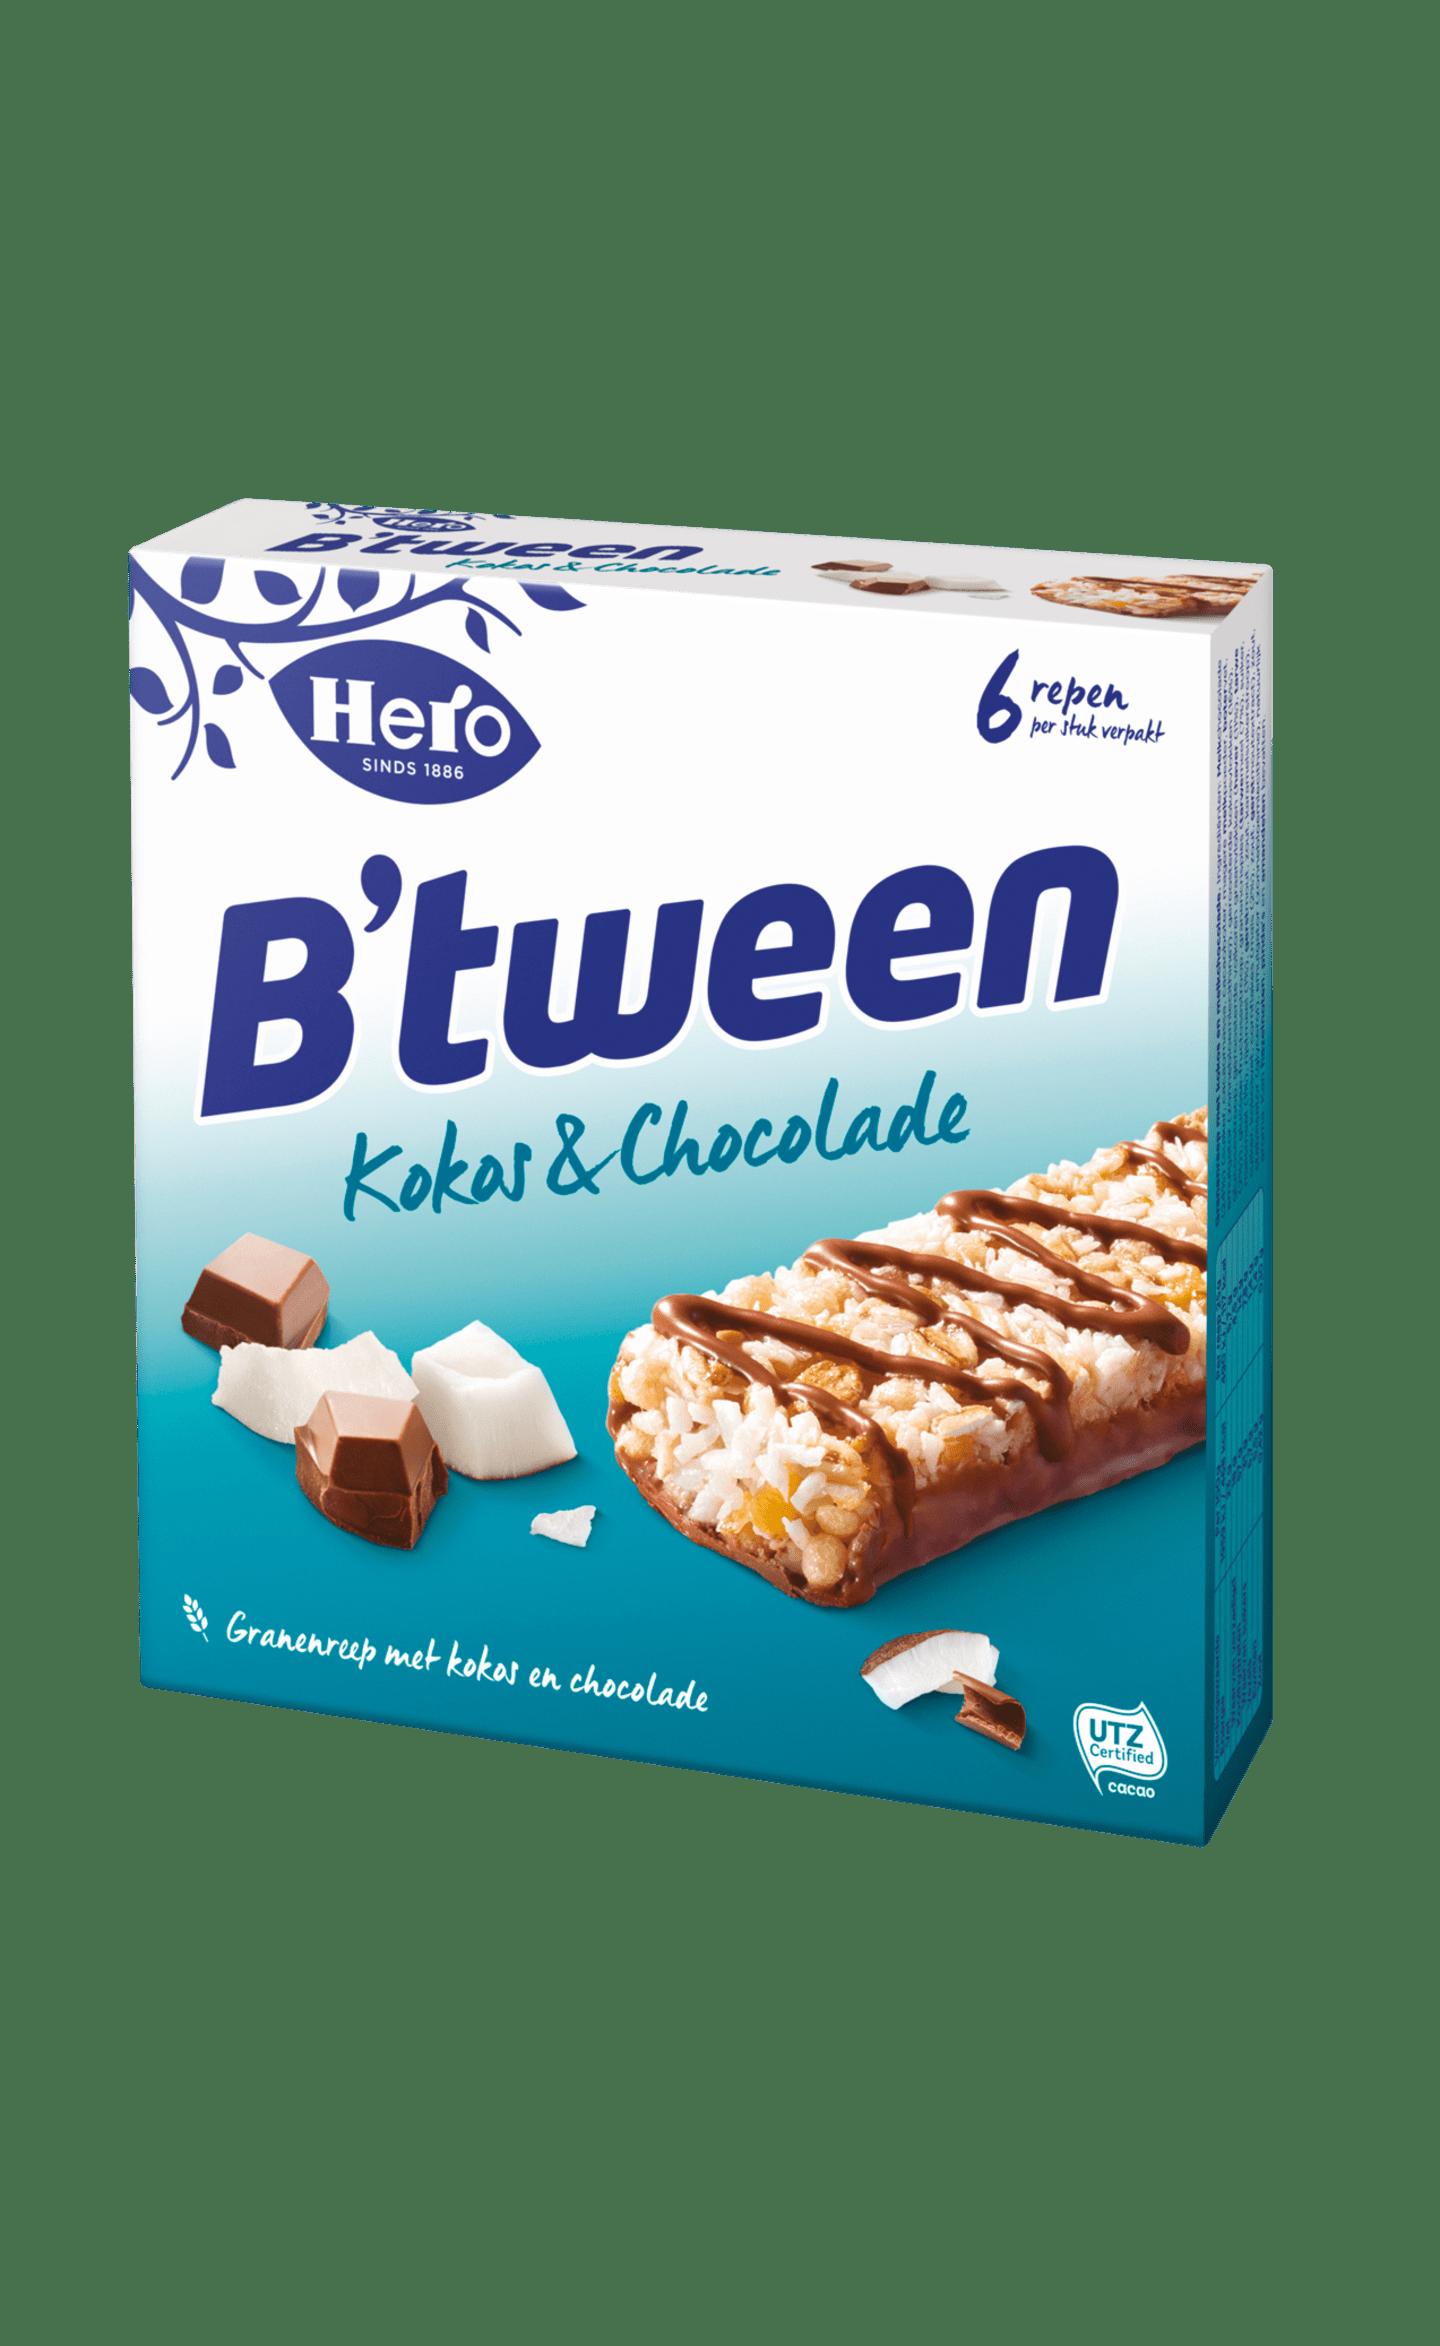 B'tween Kokos Chocolade 6x25g_1600x1600.png